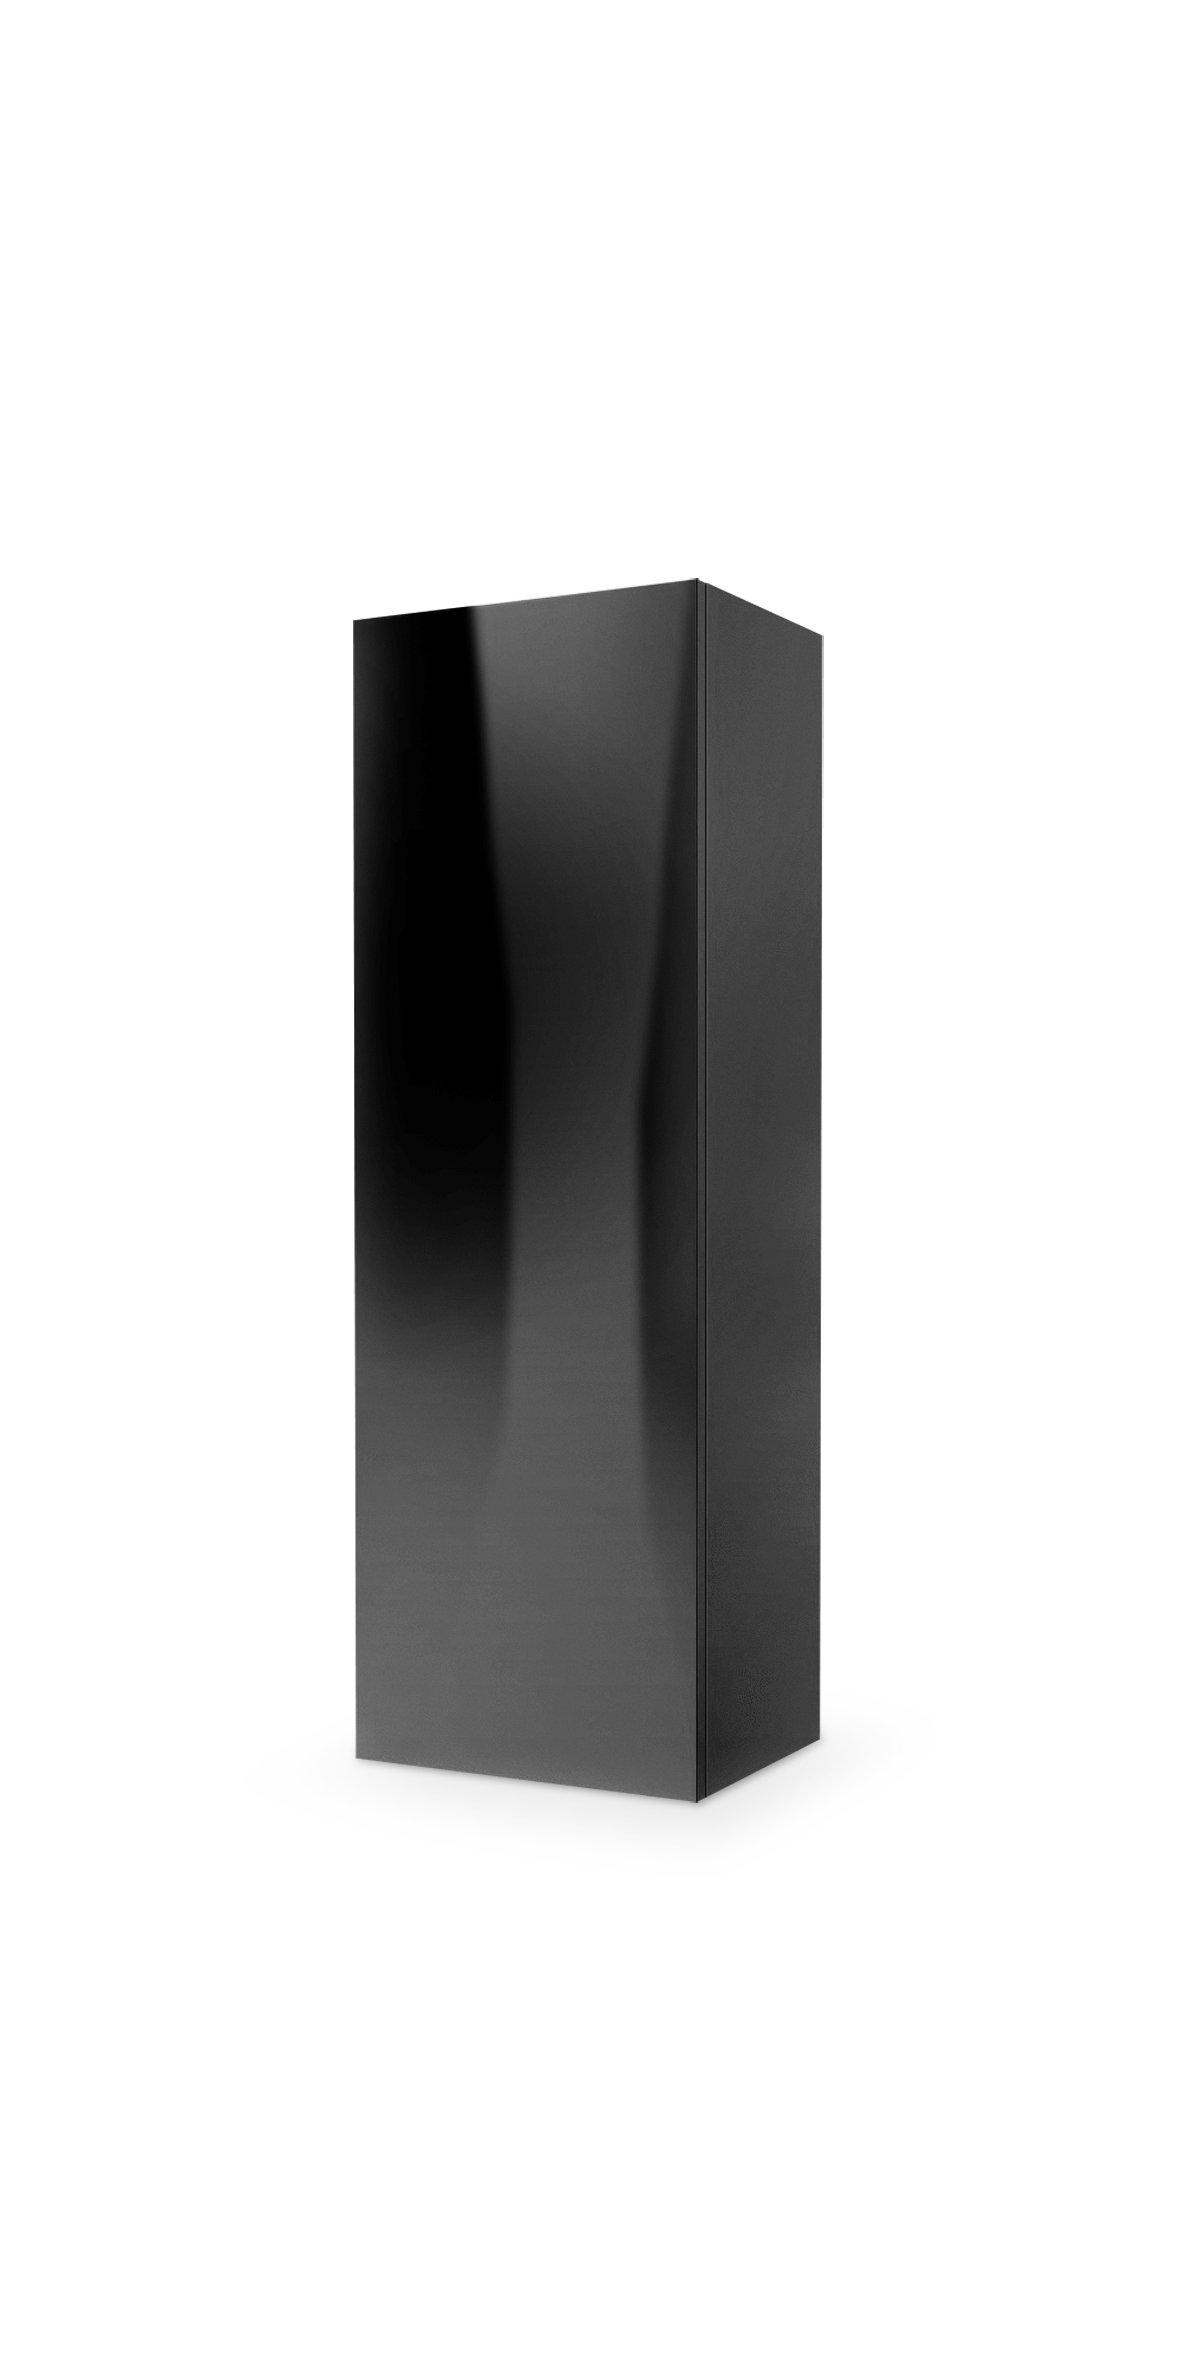 Dulap din MDF Livo S-120 Black l40xA30xH120 cm